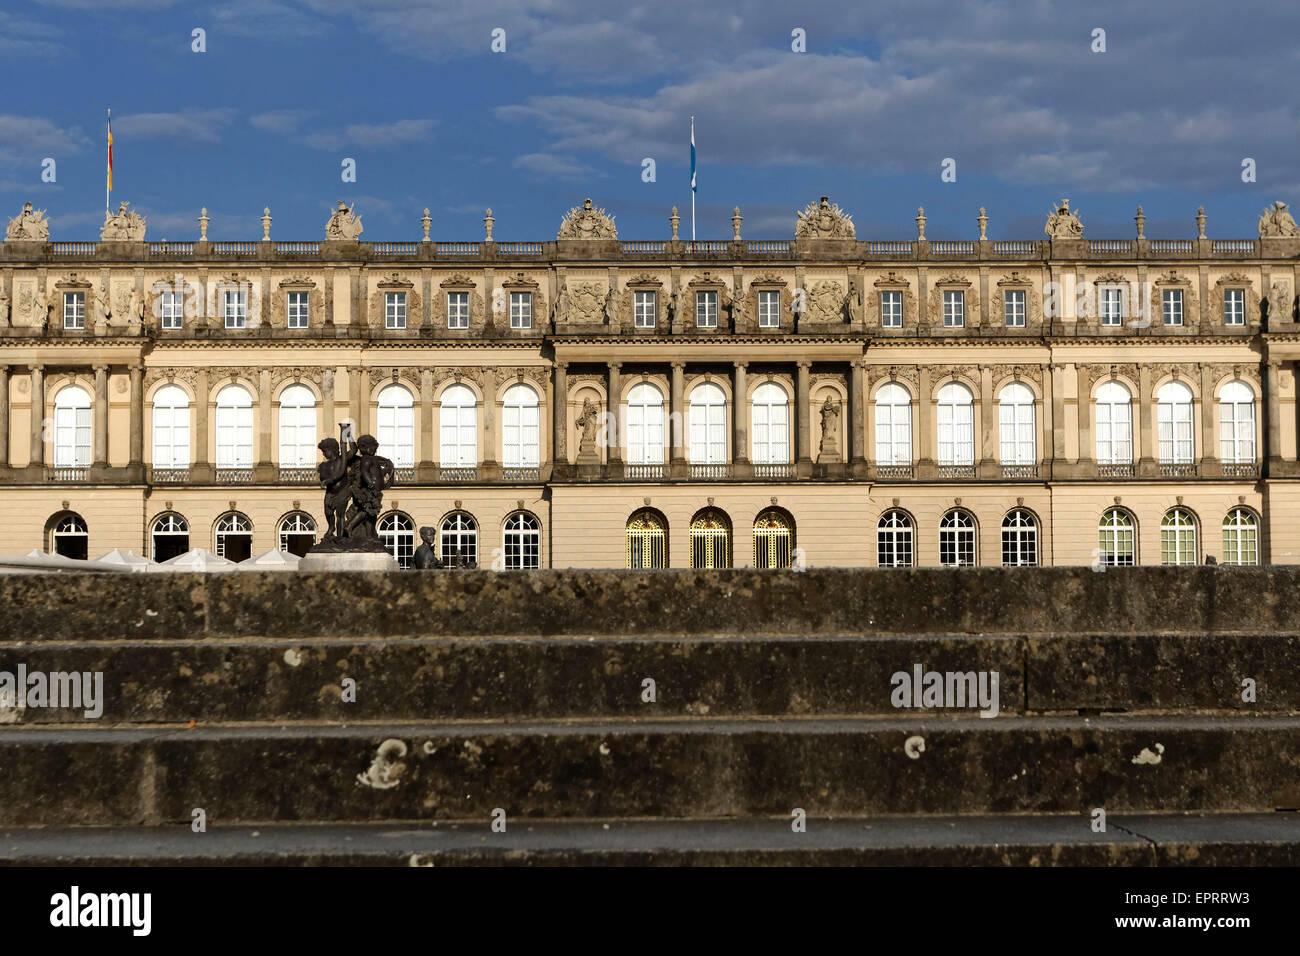 Herrenchiemsee Schloss Palace, Herreninsel, Chiemsee, Chiemgau, Upper Bavaria, Germany - Stock Image